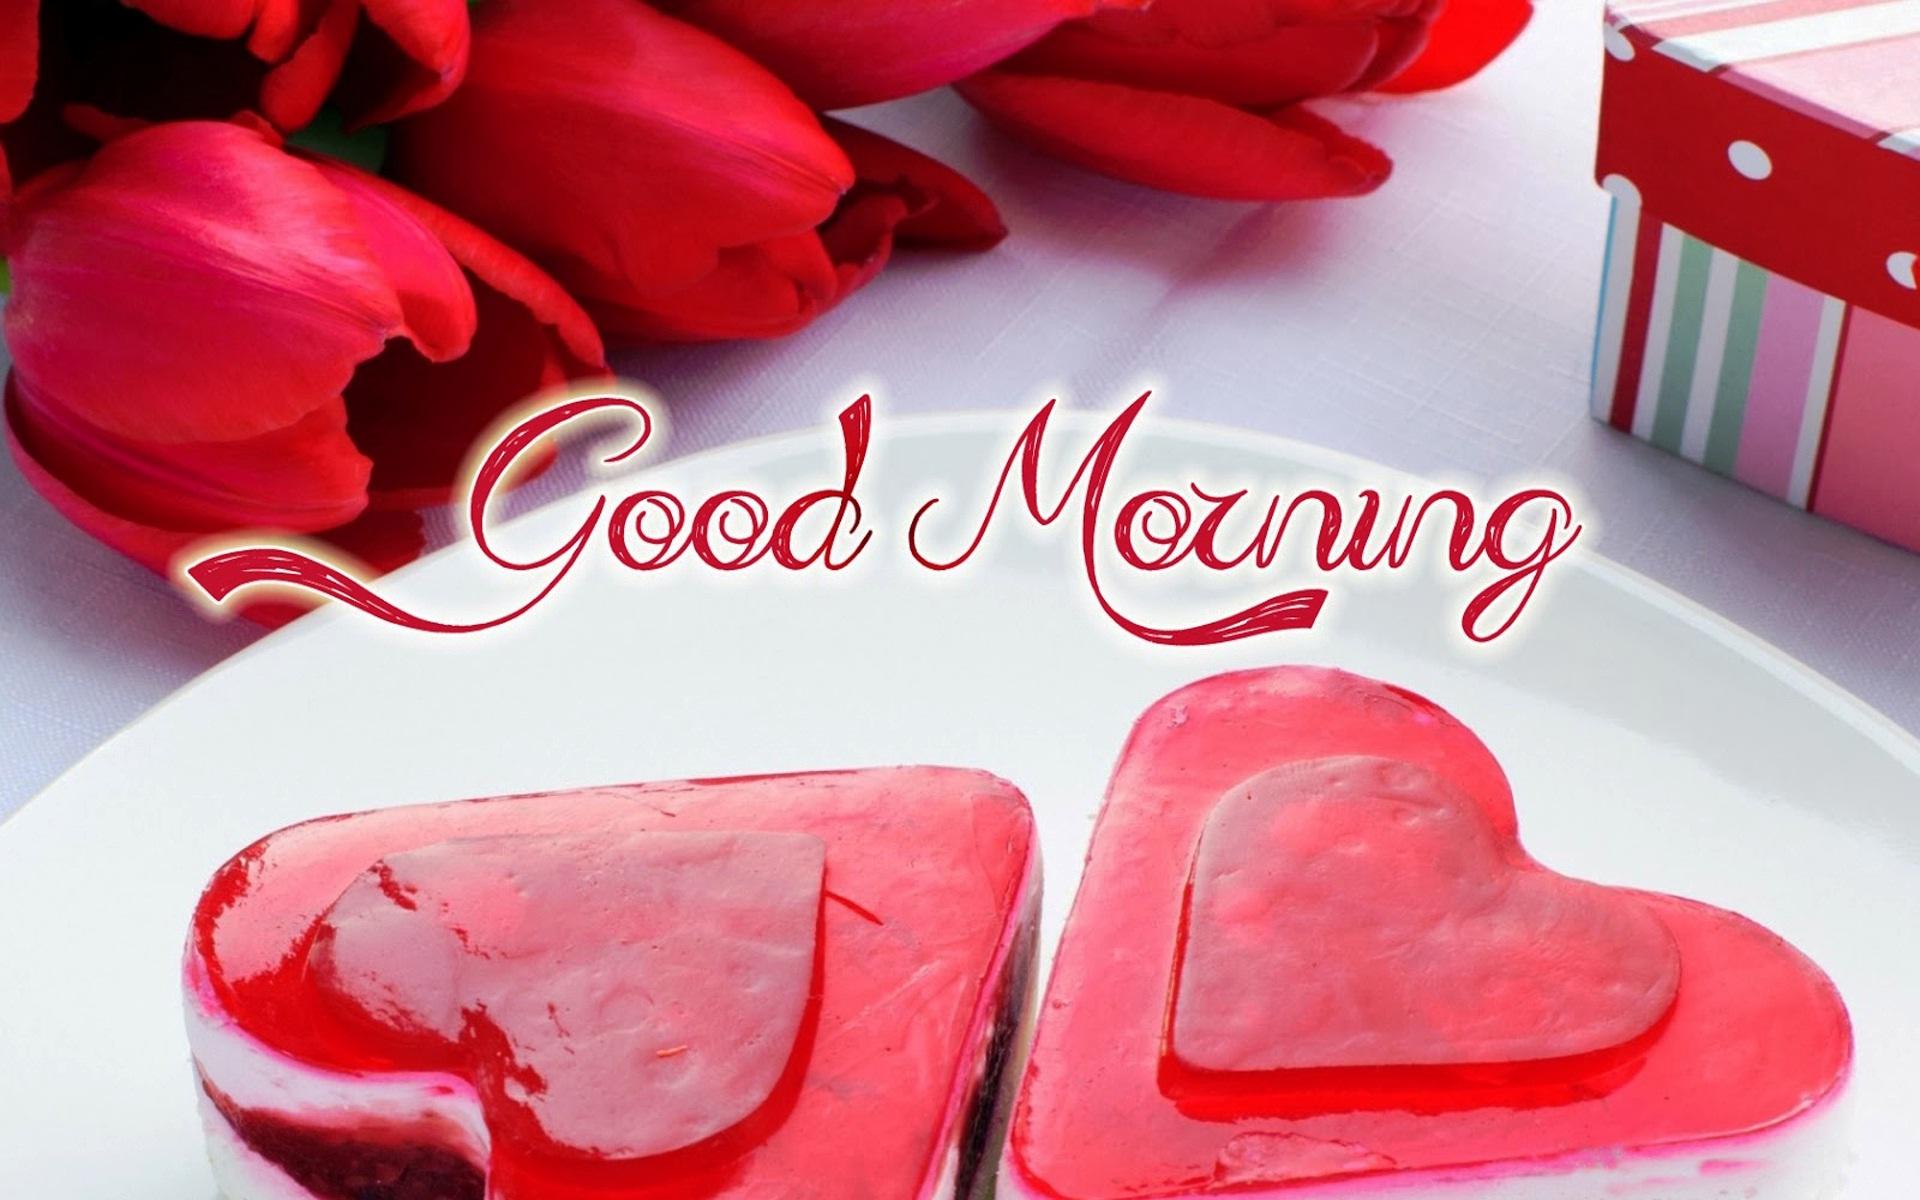 صوره مسجات صباحية للحبيب , الى حبيبي اروع رسائل الصباح